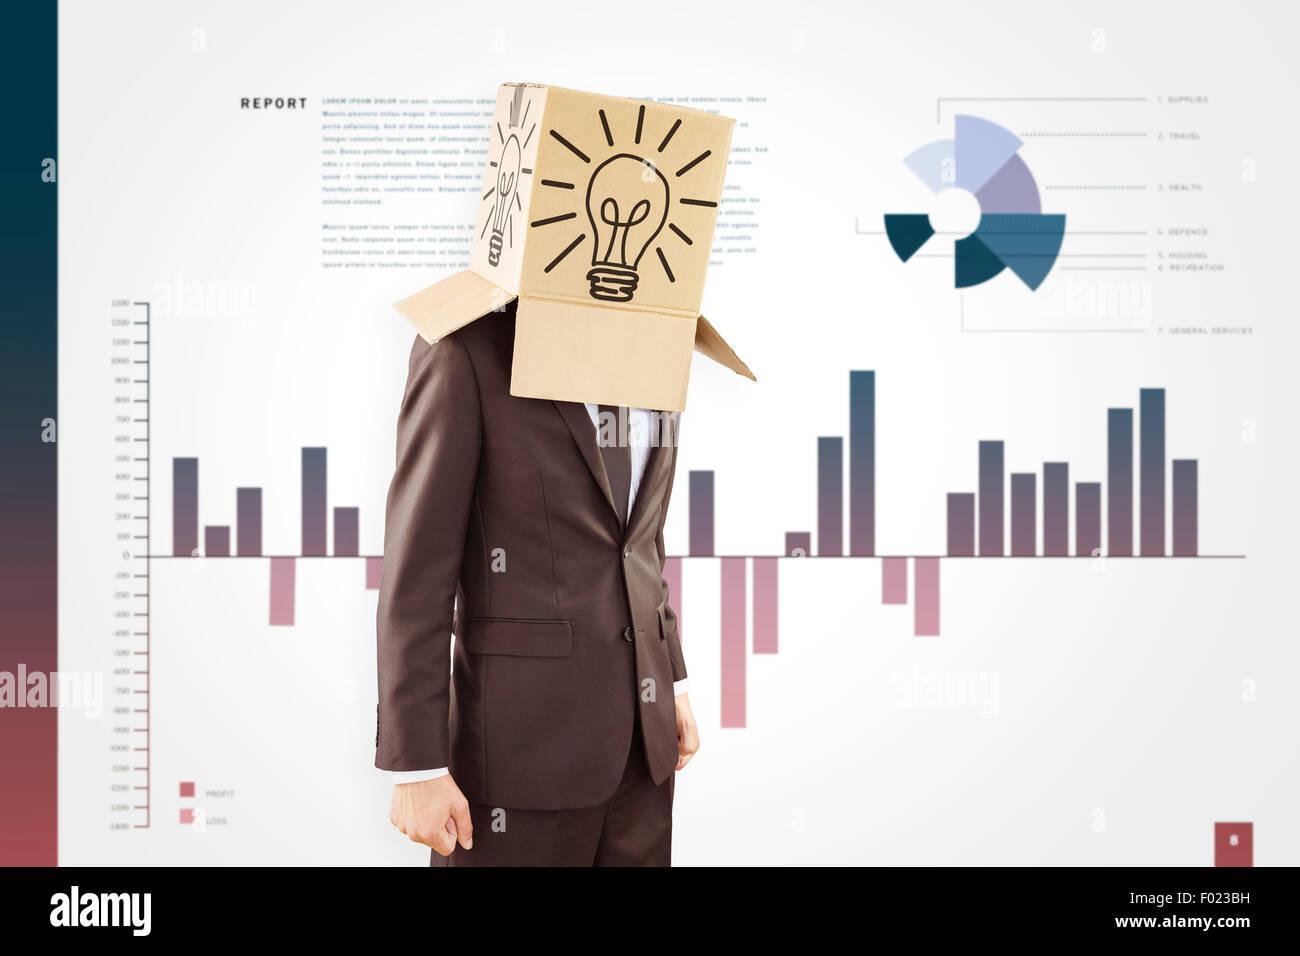 Immagine composita di anonimo imprenditore con le mani verso il basso Immagini Stock